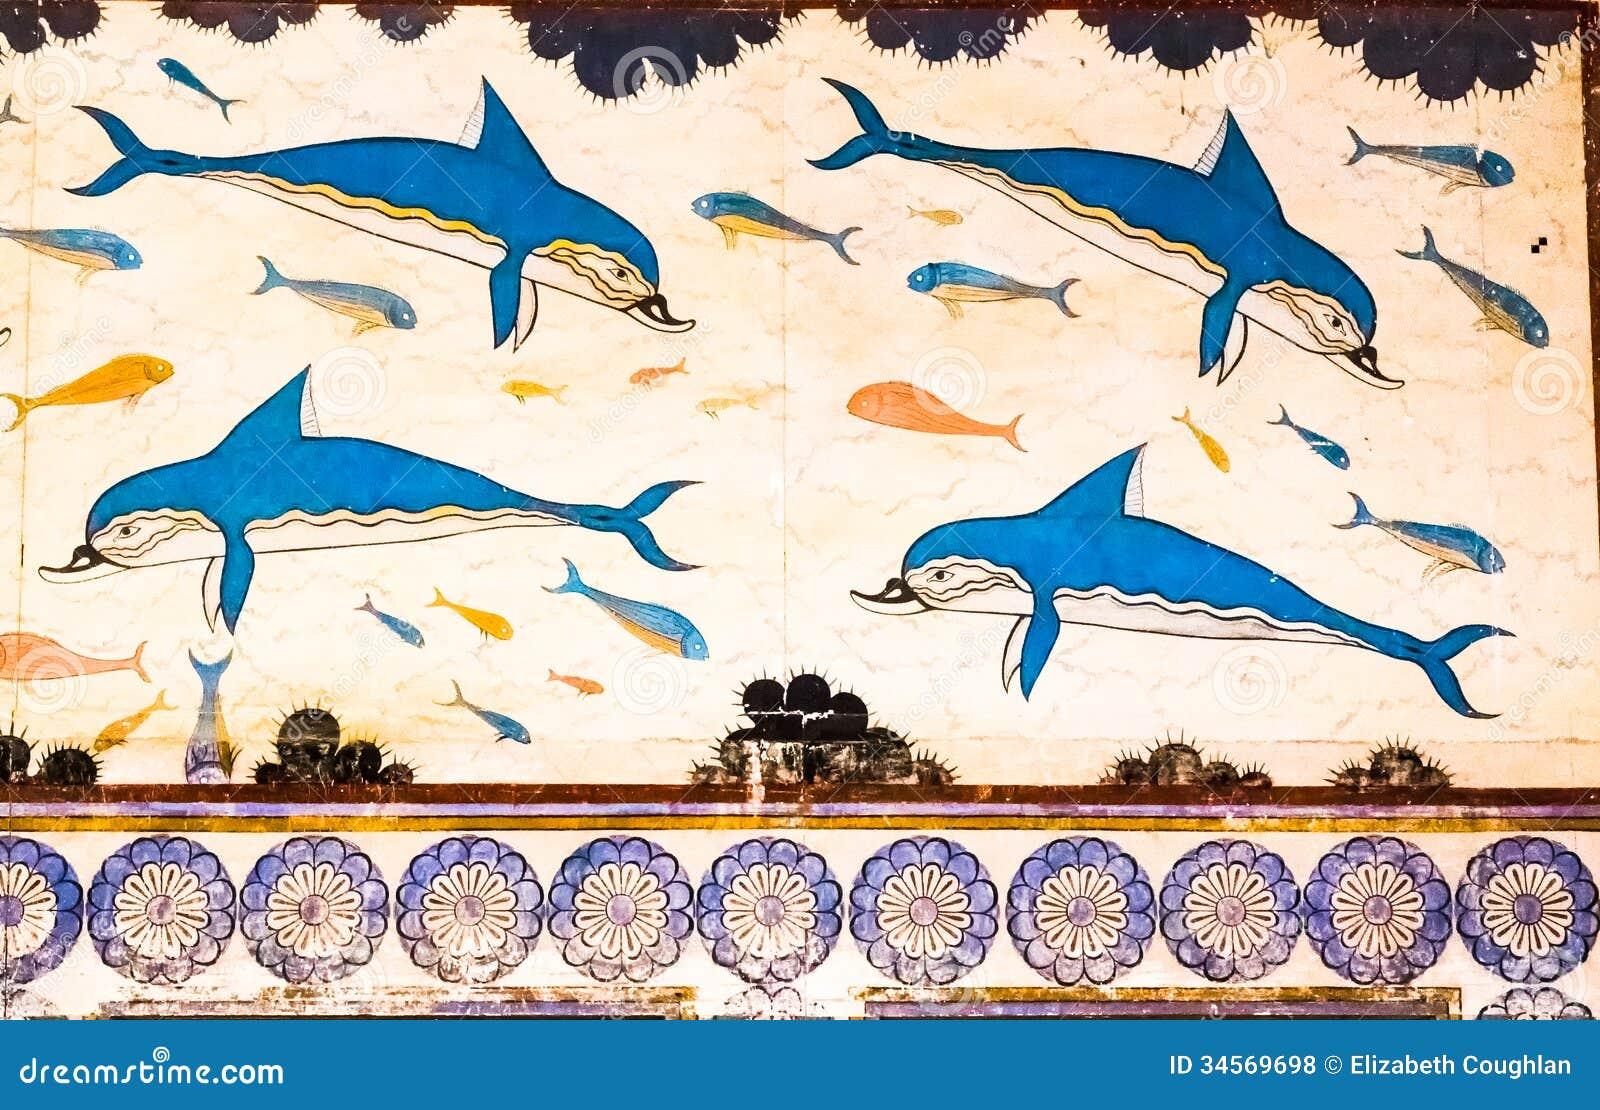 Dauphins de Knossos